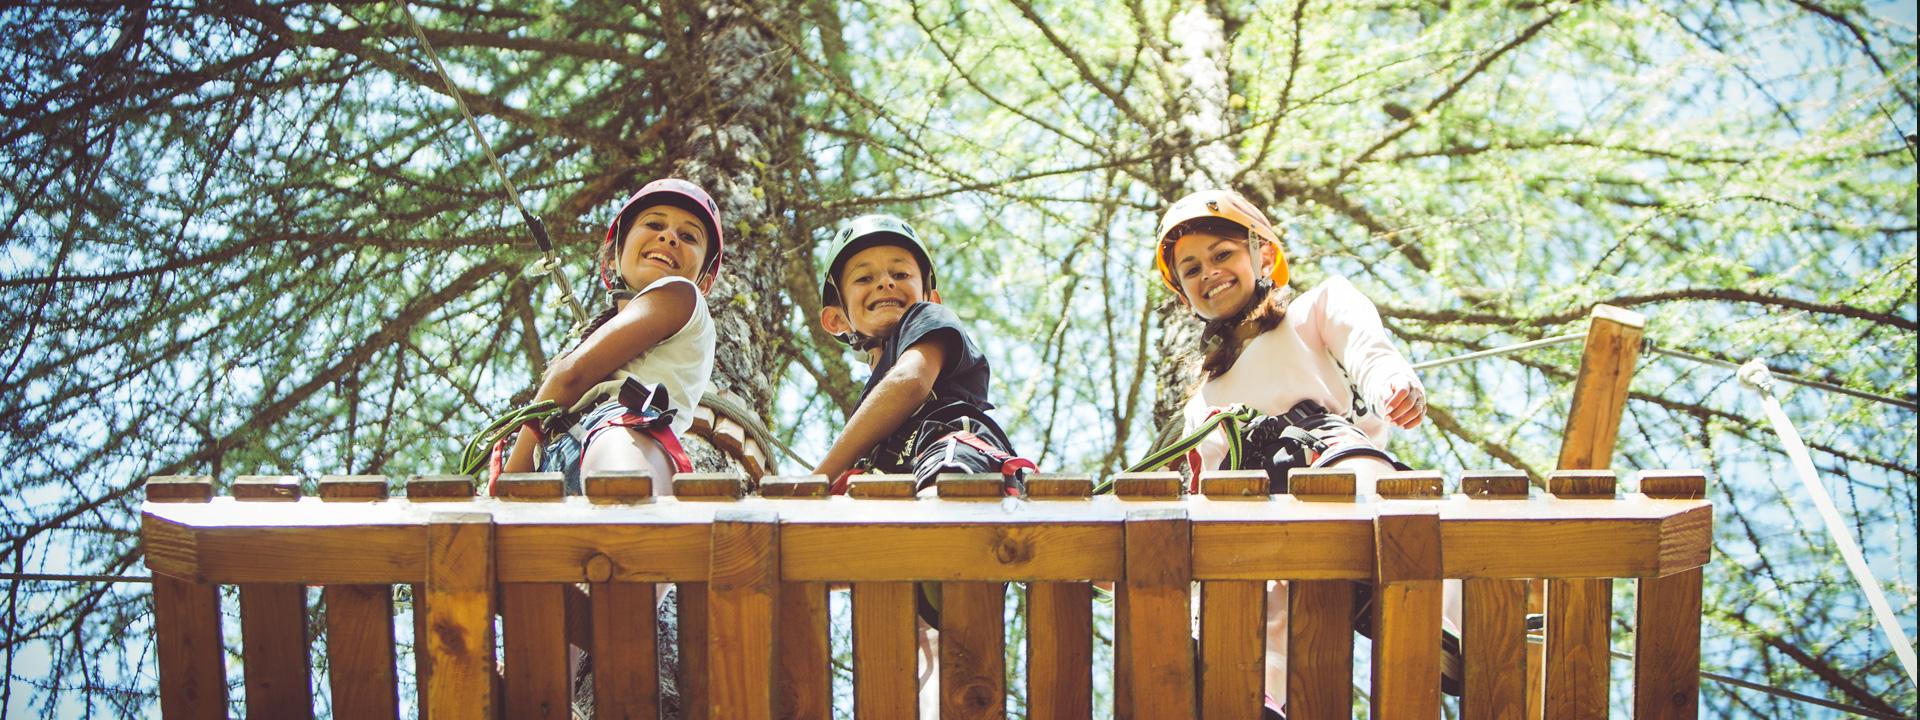 Ragazzi che si divertono sui percorsi in cima agli alberi del Larix Park a Livigno